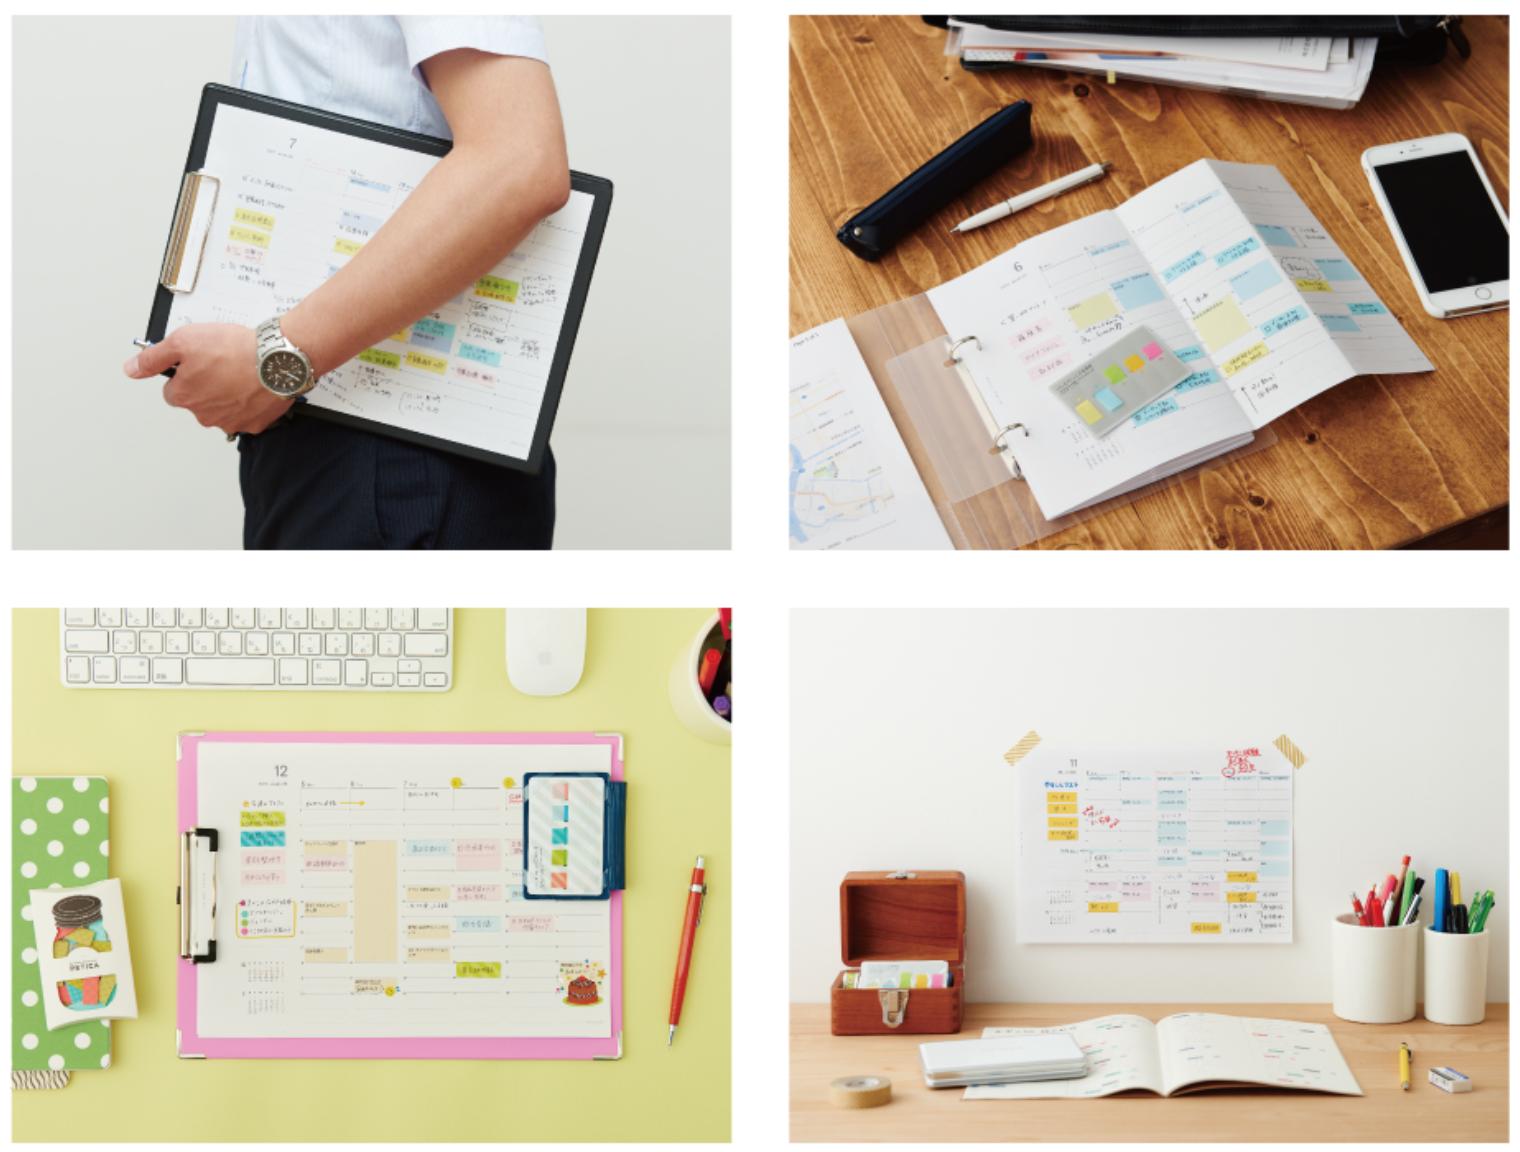 【紙で管理】1週間の予定を紙一枚に印刷できる「1マイ手帳」って!?